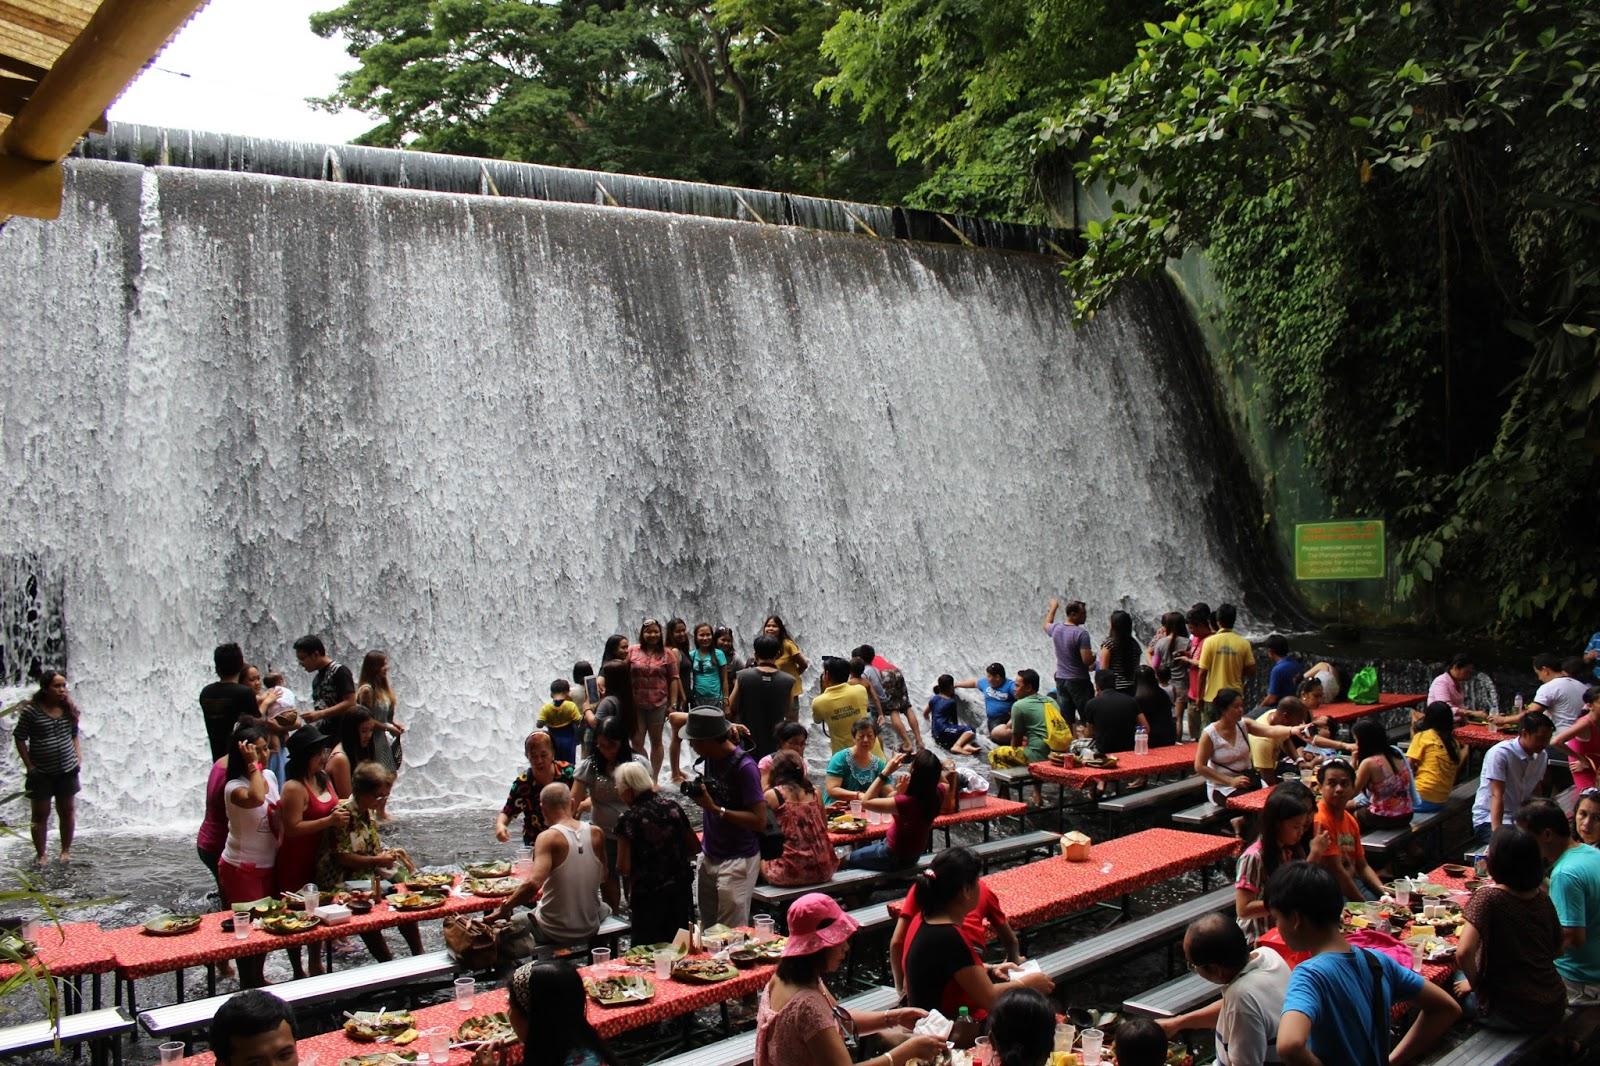 Villa Escudero Philippines 17  Villa Escudero Waterfalls Restaurant   48 Hours In Quezon